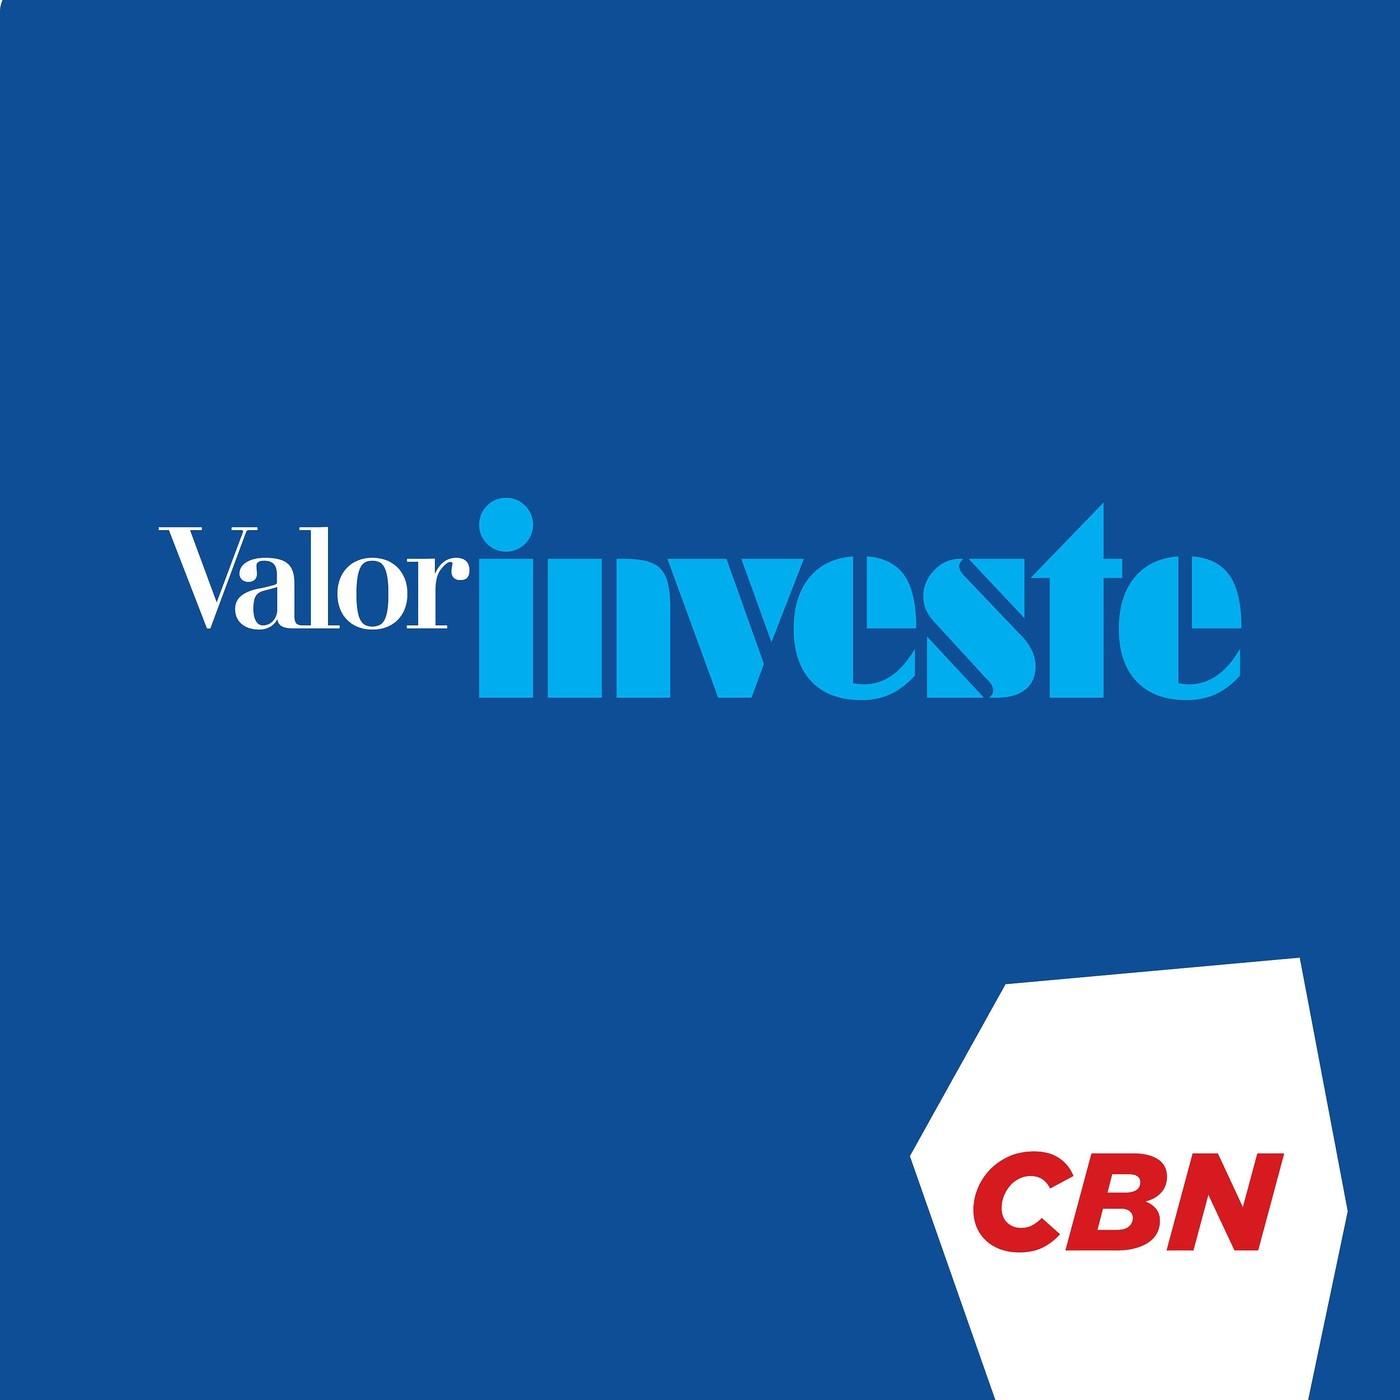 Maia defende teto de gastos e mercado financeiro responde bem